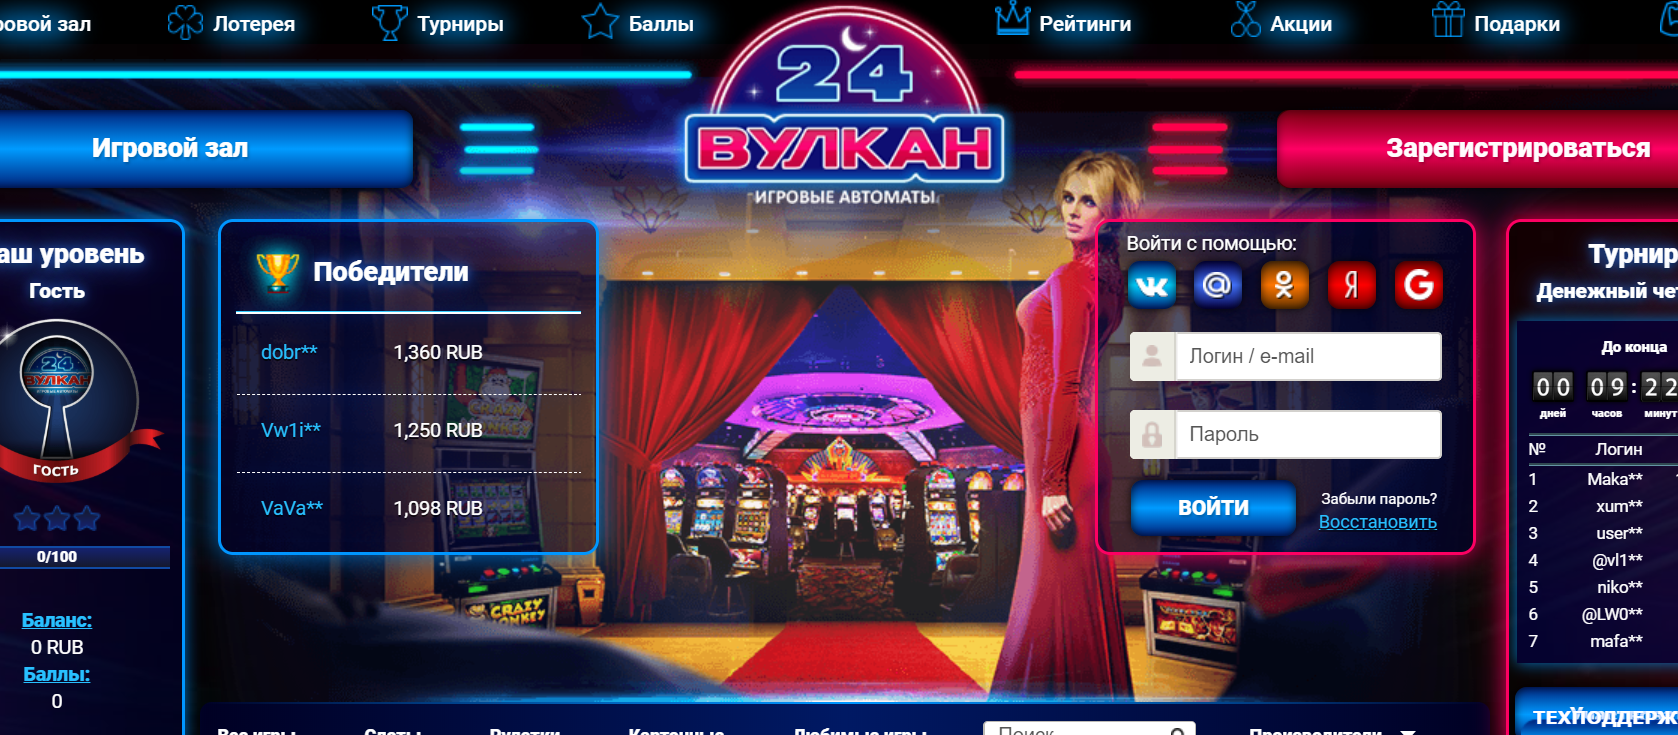 Вариативный сайт онлайн-казино Вулкан 24